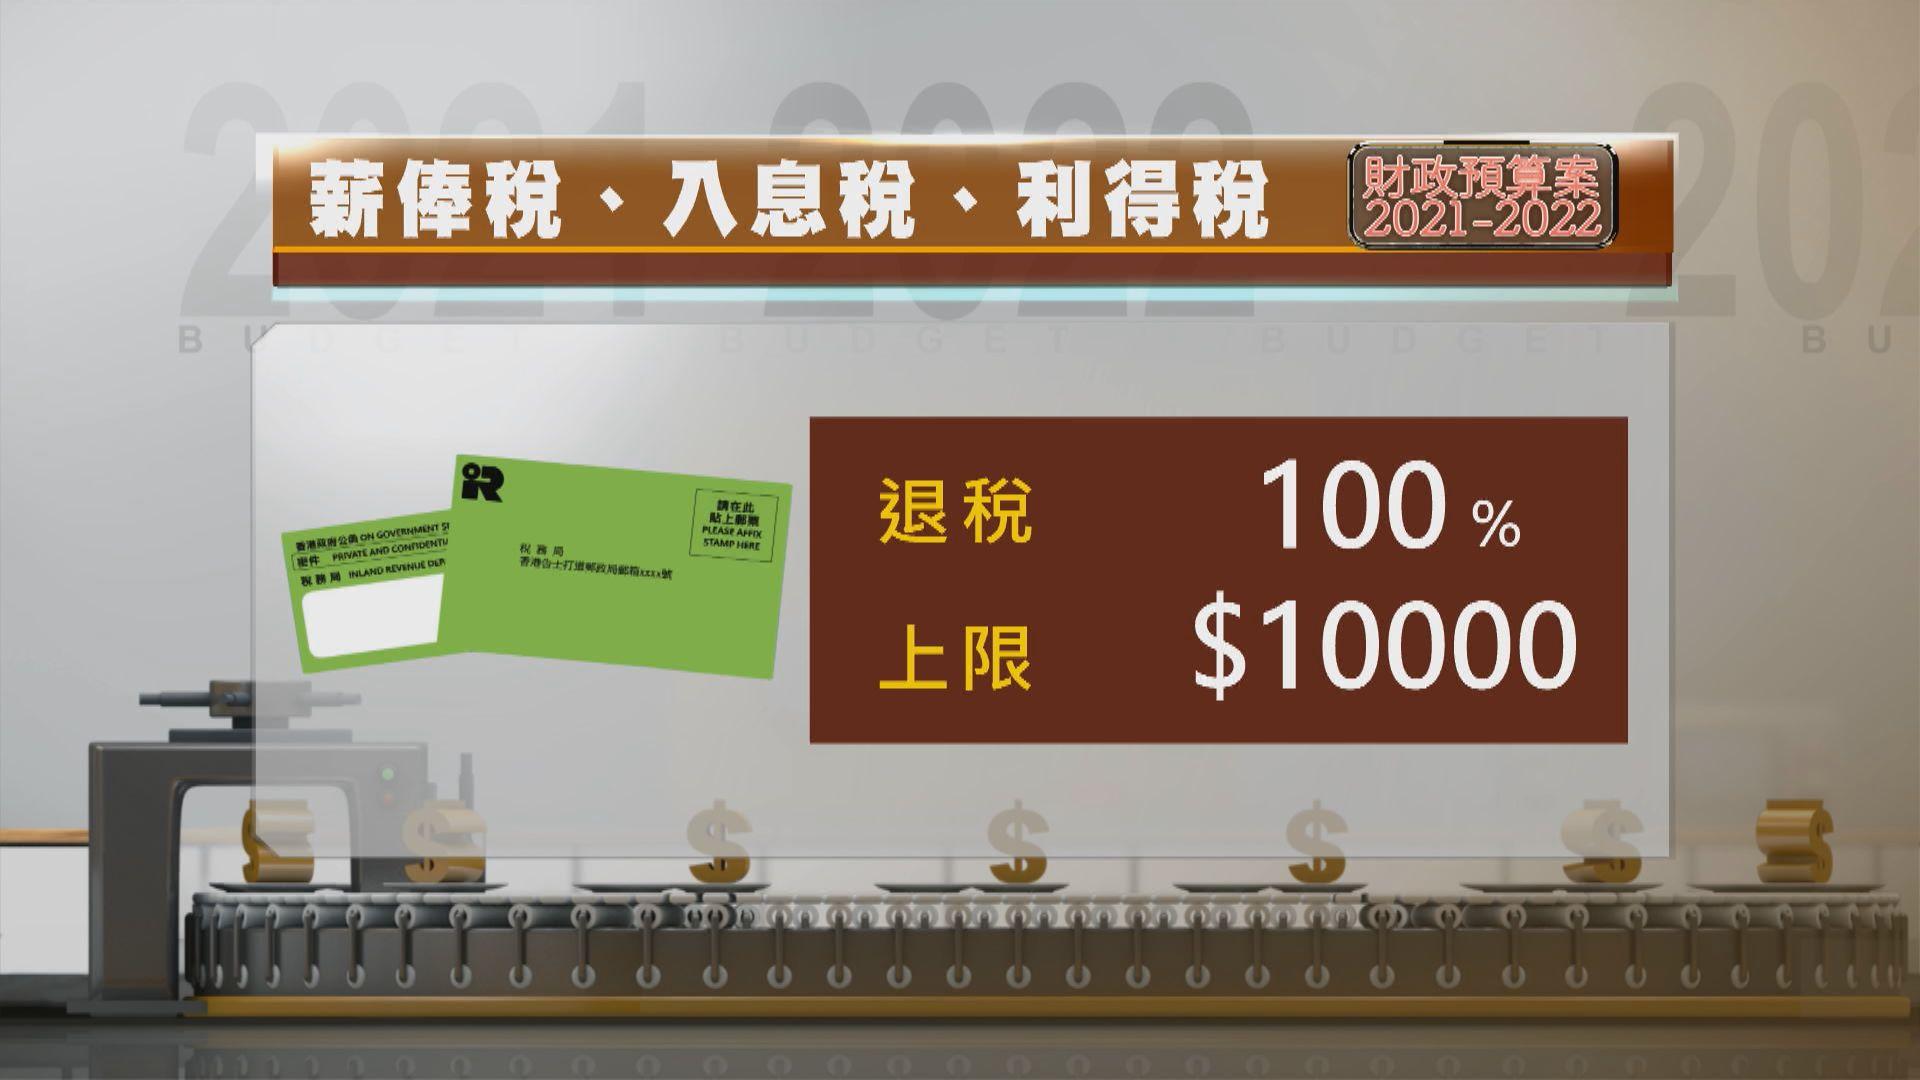 【預算案減甜】薪俸稅寬免上限減至一萬 綜援只多半月糧